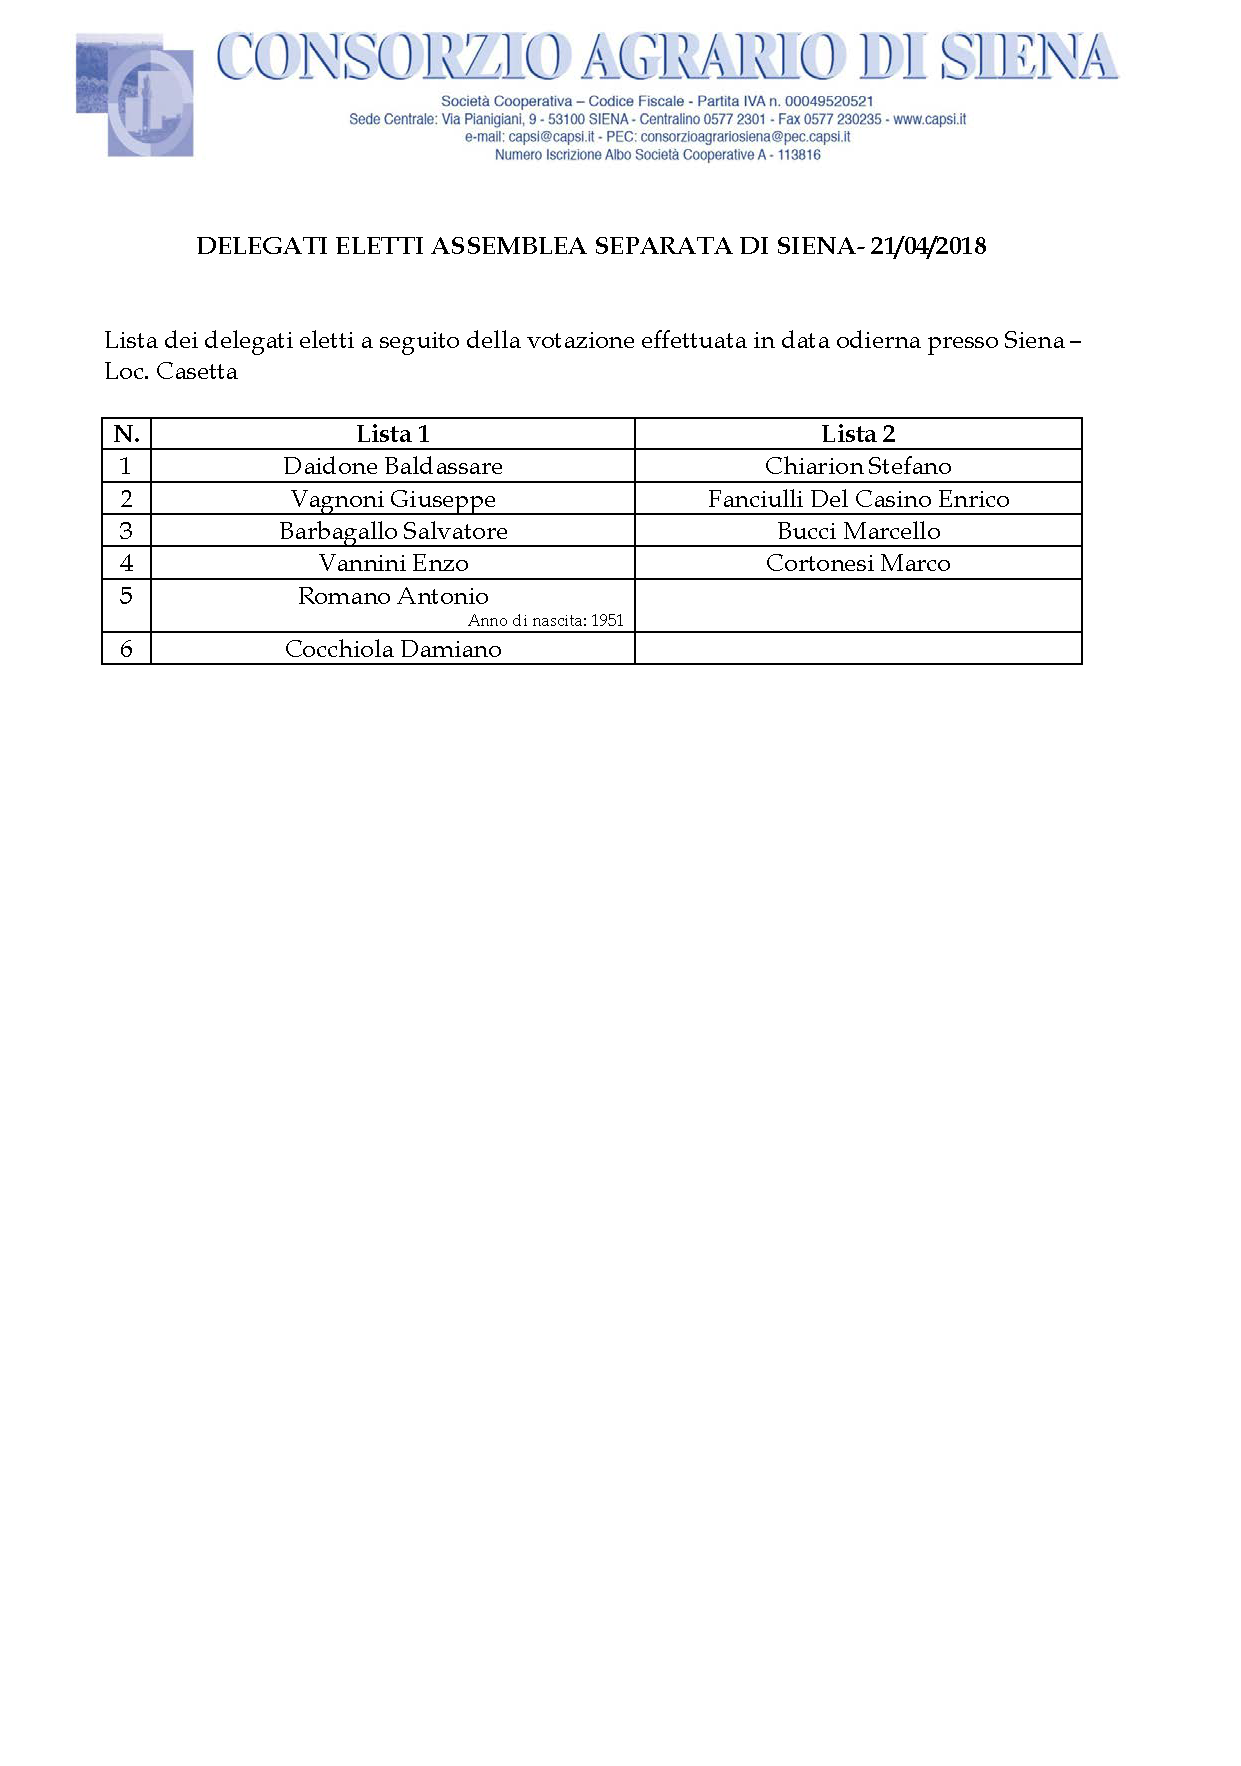 Delegati Eletti Assemblea Separata Di Siena 21 Aprile 2018